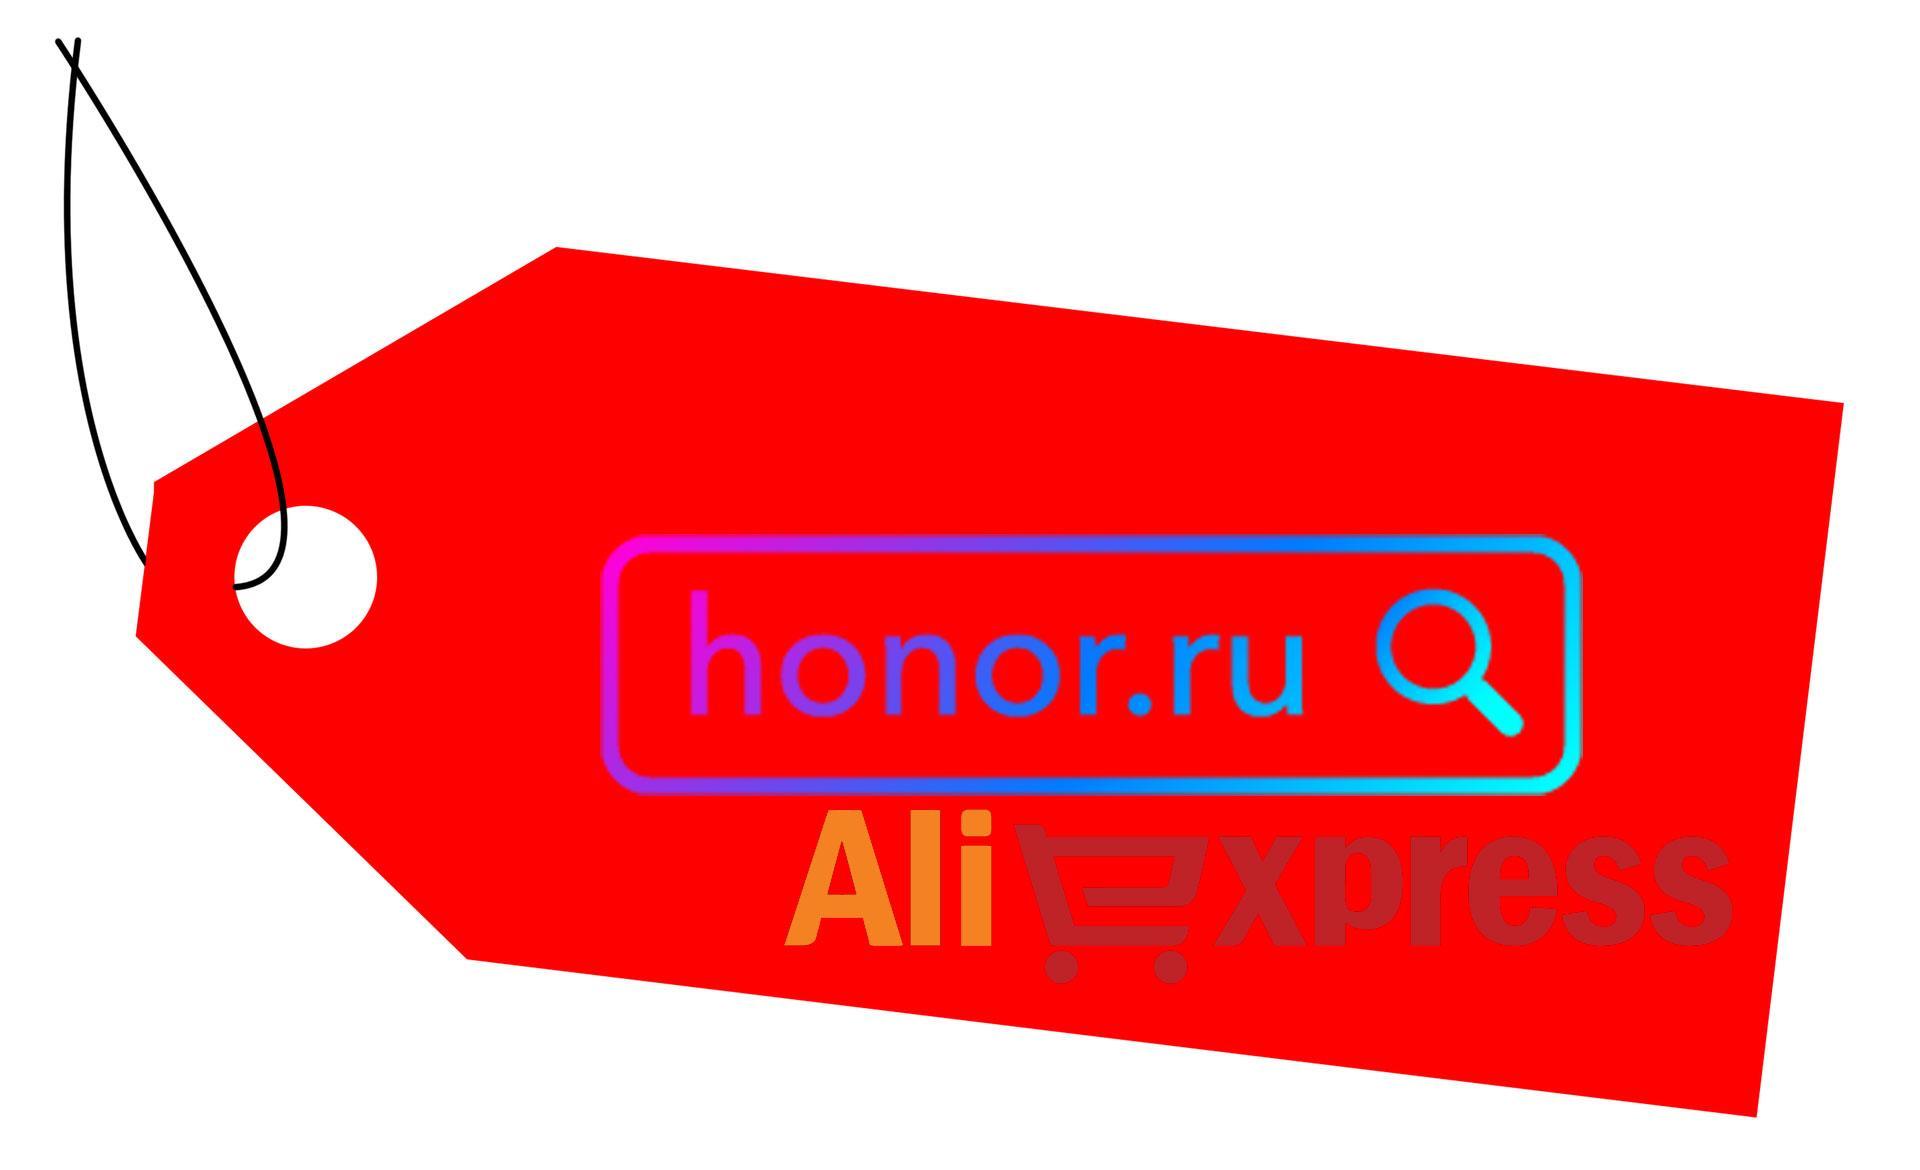 Honor объявила скидки наAliexpress насвои смартфоны иноутбуки. Какие модели?